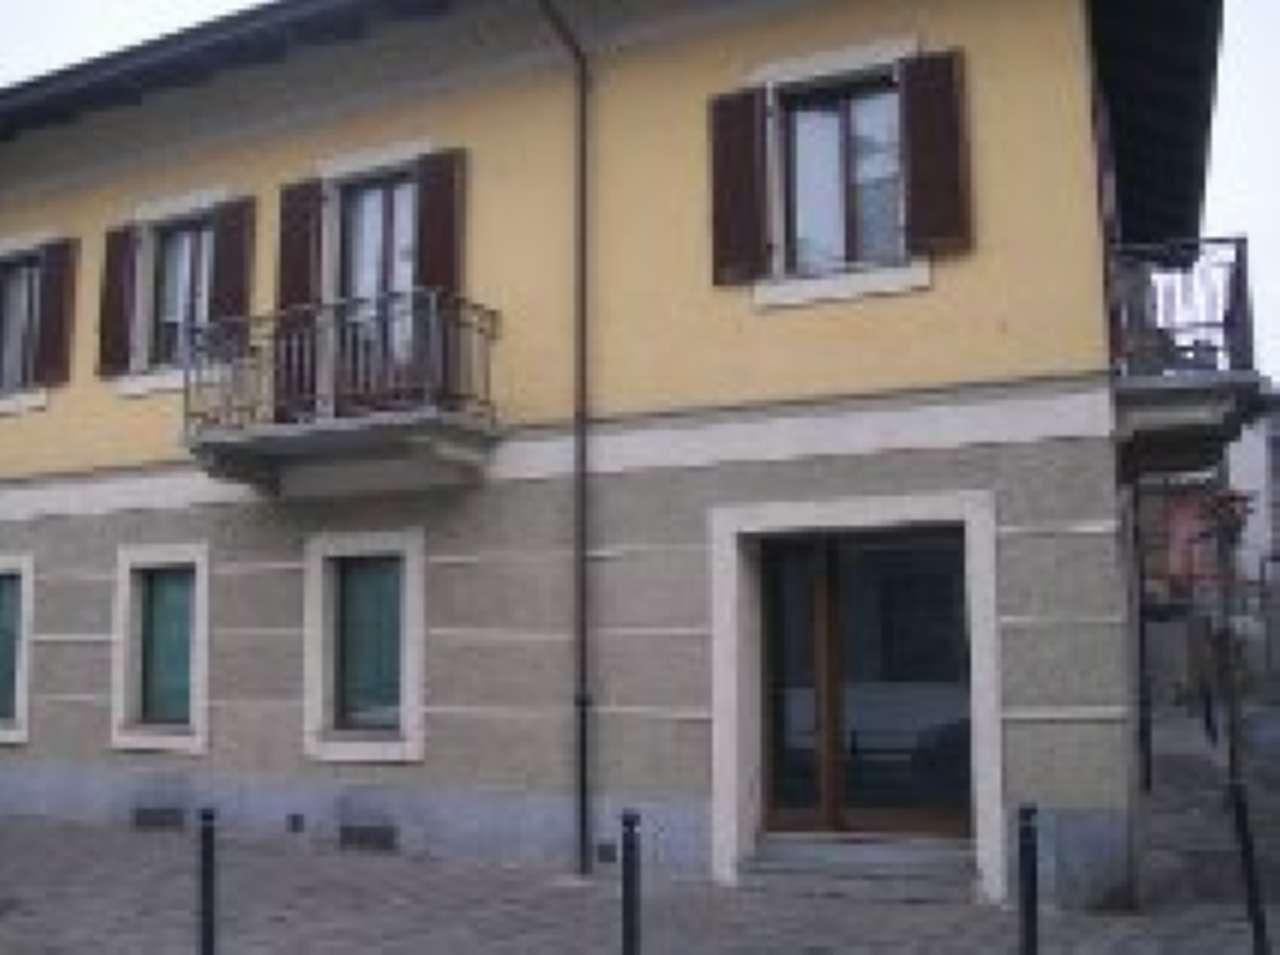 Negozio / Locale in vendita a Settimo Torinese, 9999 locali, prezzo € 1.500 | Cambio Casa.it